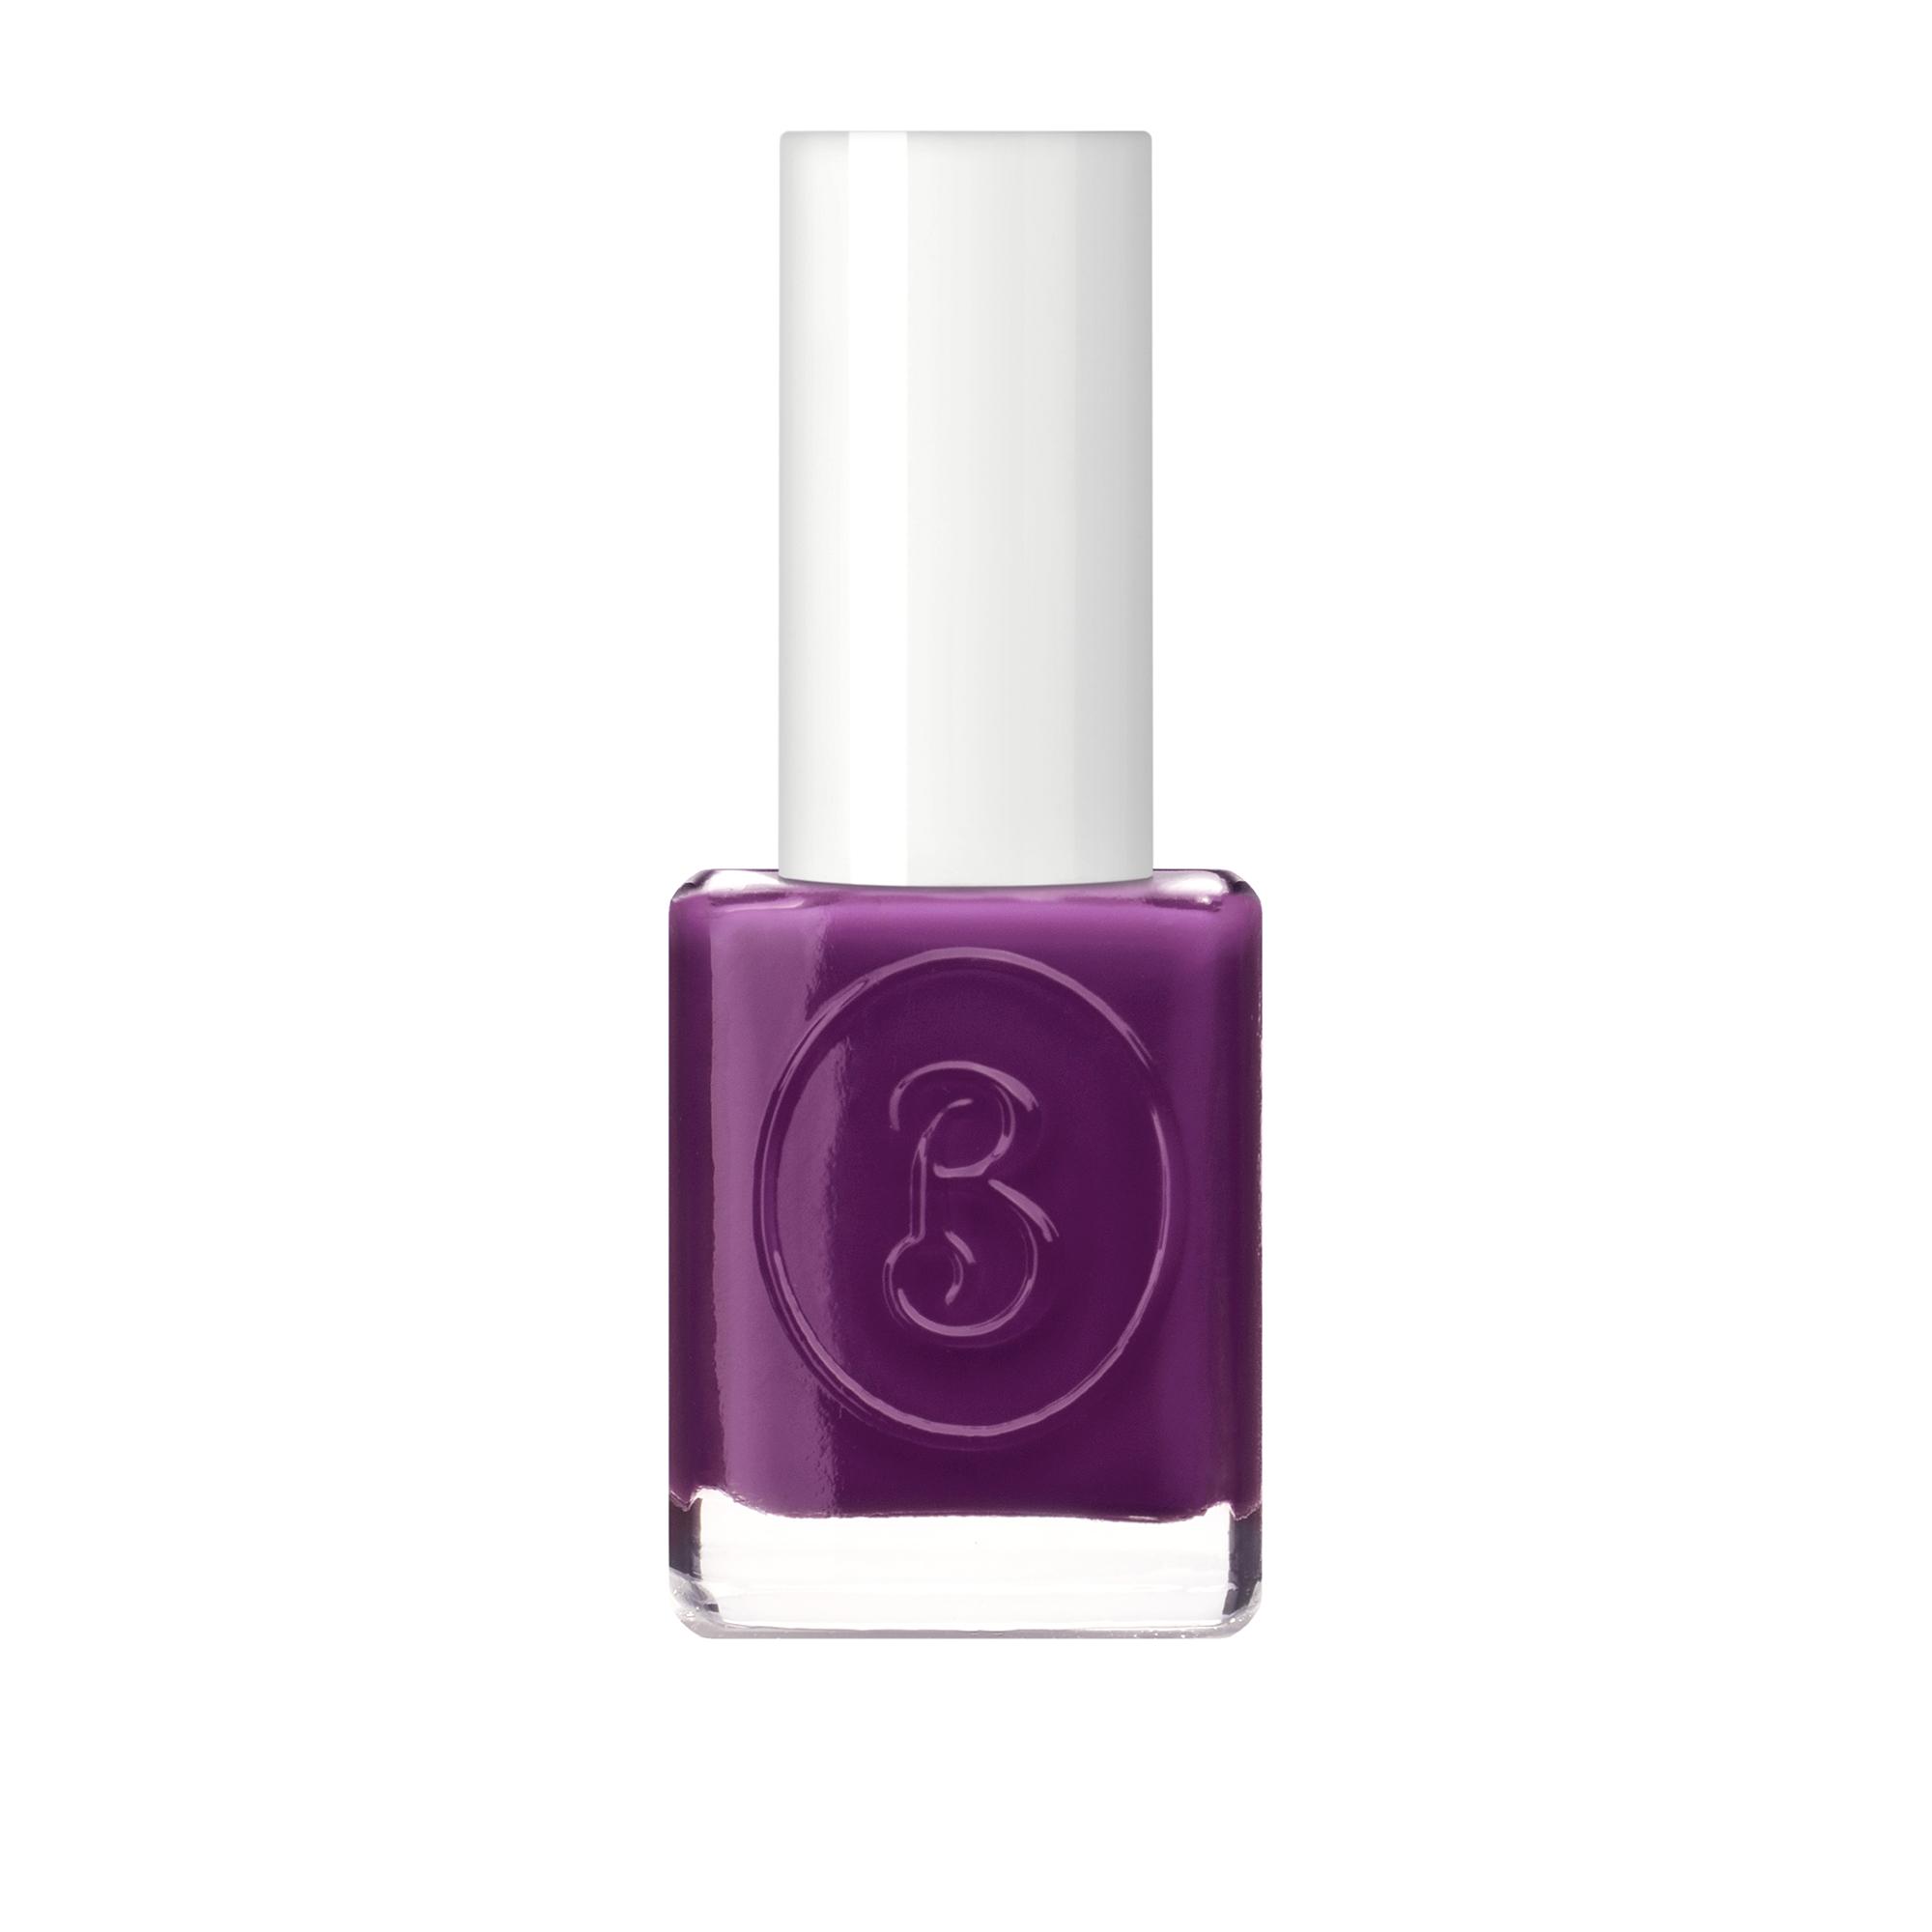 BERENICE Лак для ногтей пурпурный соблазн тон 21 purple temptation / BERENICE 16 млЛаки<br>Революционное открытие в области красоты ногтей на основе высоких швейцарских технологий    дышащий  лак для ногтей марки BERENICE. Он не оставит равнодушными ни мастеров маникюра, ни их клиентов. Этот лак содержит кислородный комплекс, который обеспечивает основное свойство лака   проницаемость воздуха и паров влаги в ноготь. Двойной пластификатор, содержащийся в составе, делает покрытие более гибким, продлевает стойкость маникюра, защищая от сколов и повреждений. Лак равномерно наносится и быстро сохнет. Профессиональная плоская кисточка обеспечивает идеальное прилегание к поверхности ногтя и нанесение лака.&amp;nbsp; Кислородный лак BERENICE   это здоровая альтернатива, традиционным лакам, блокирующим прохождение кислорода и влаги в ноготь. Система 5 free, в составе отсутствуют вредные компоненты такие как толуол, ДБП, формальдегидные смолы, фталаты и камфора.&amp;nbsp; Активные ингредиенты: смолы нового поколения, UV-фильтры<br><br>Цвет: Фиолетовые